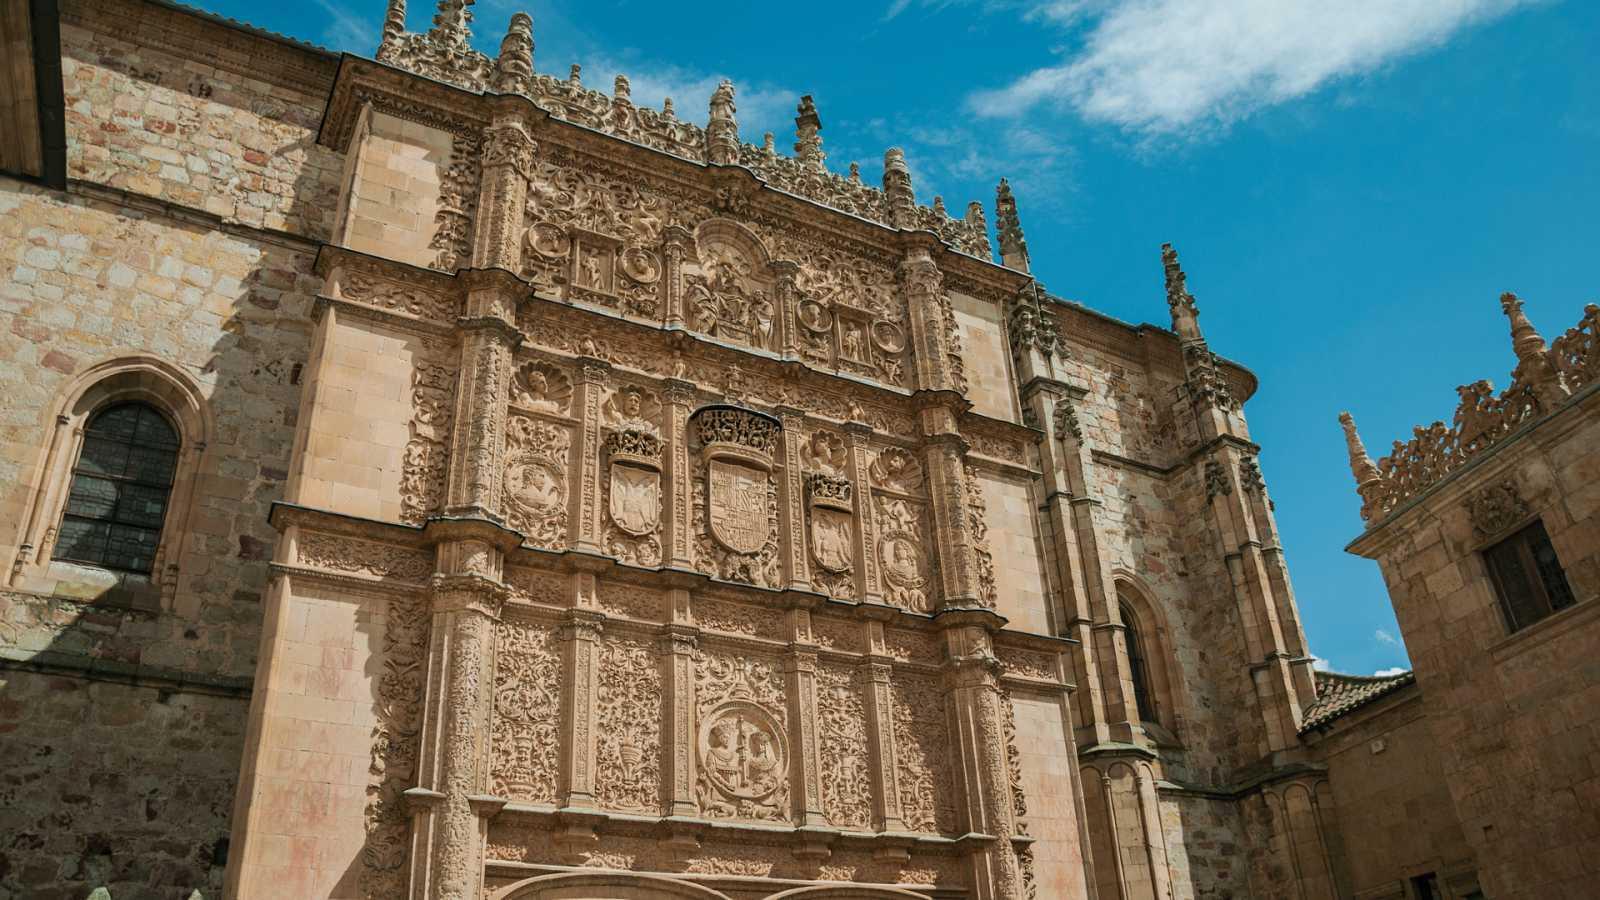 Por tres razones - Confinada Salamanca, la ciudad de la eterna juventud - Escuchar ahora